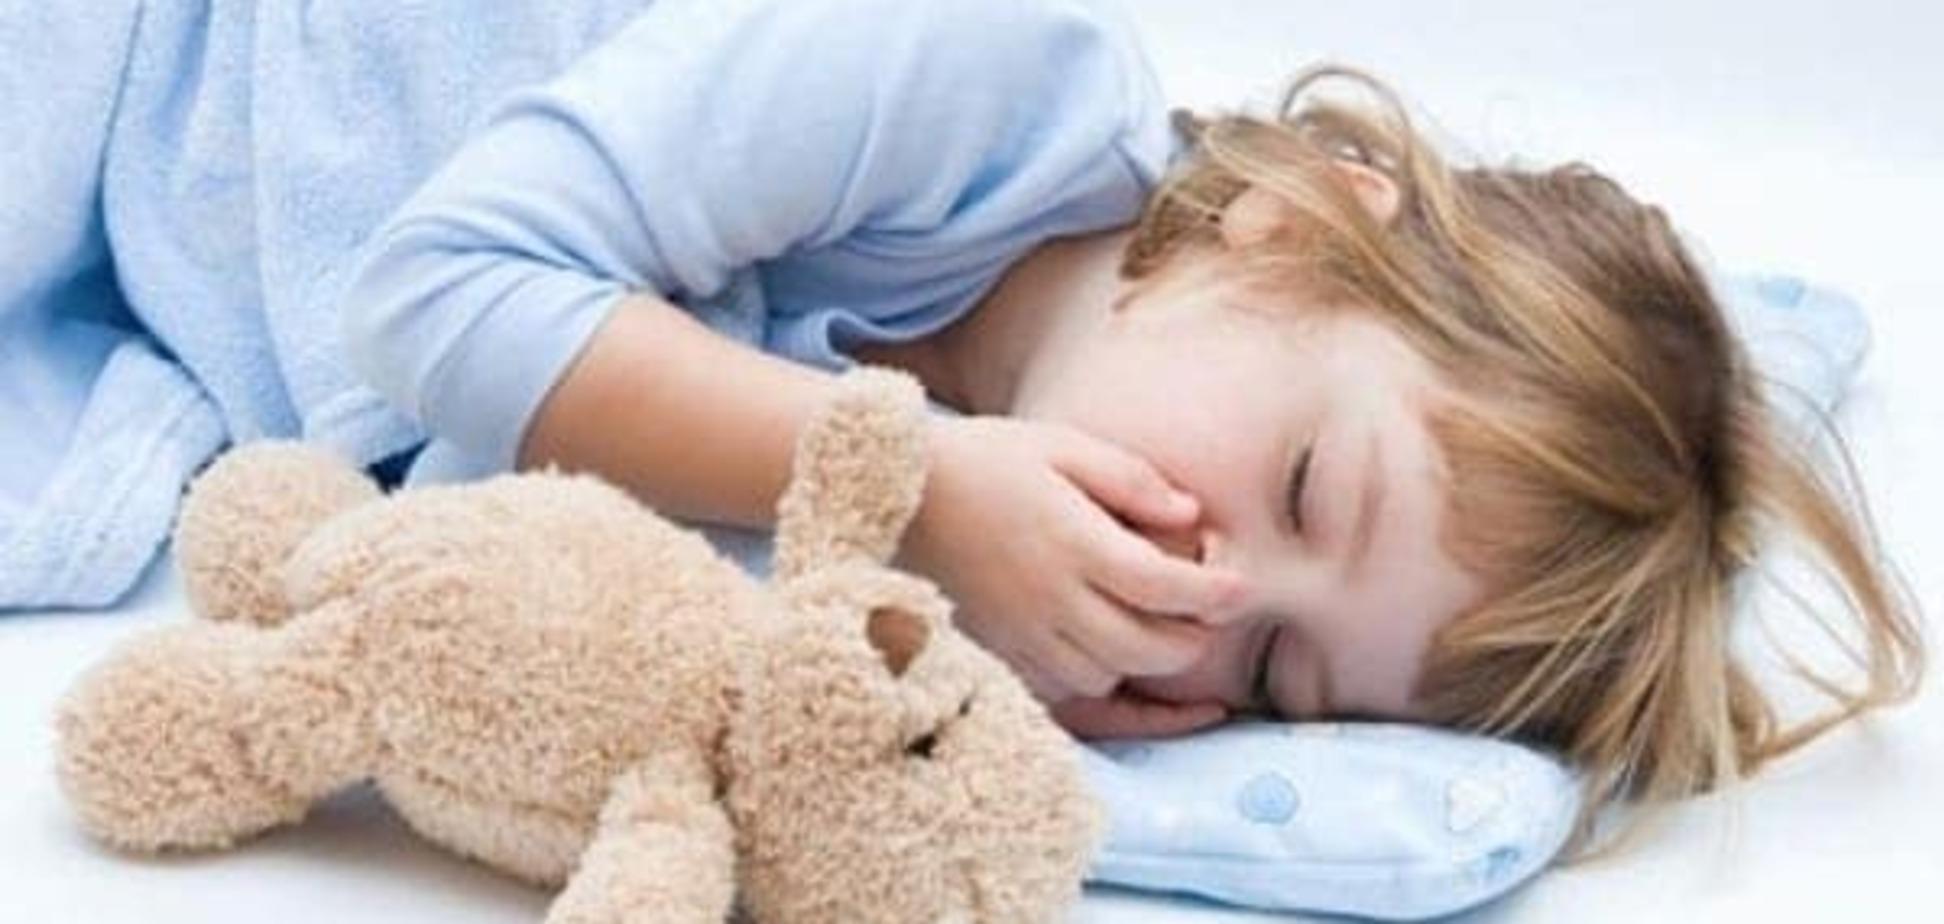 Первая помощь ребенку при пищевом отравлении